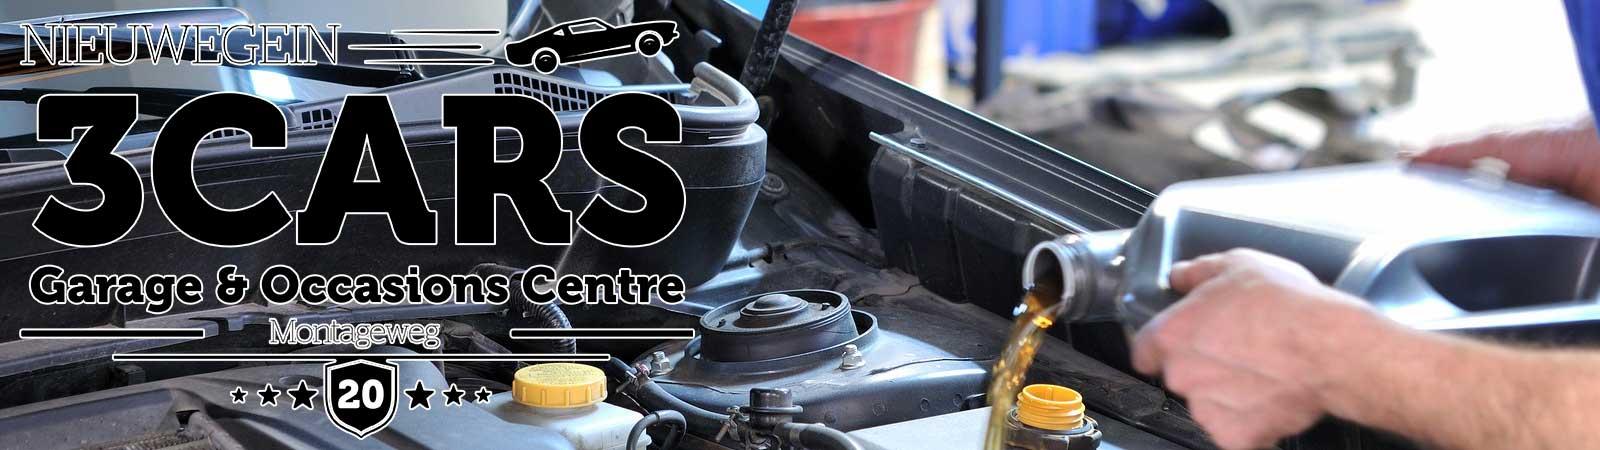 Garage Nieuwegein Vreeswijk 3Cars Auto reparaties